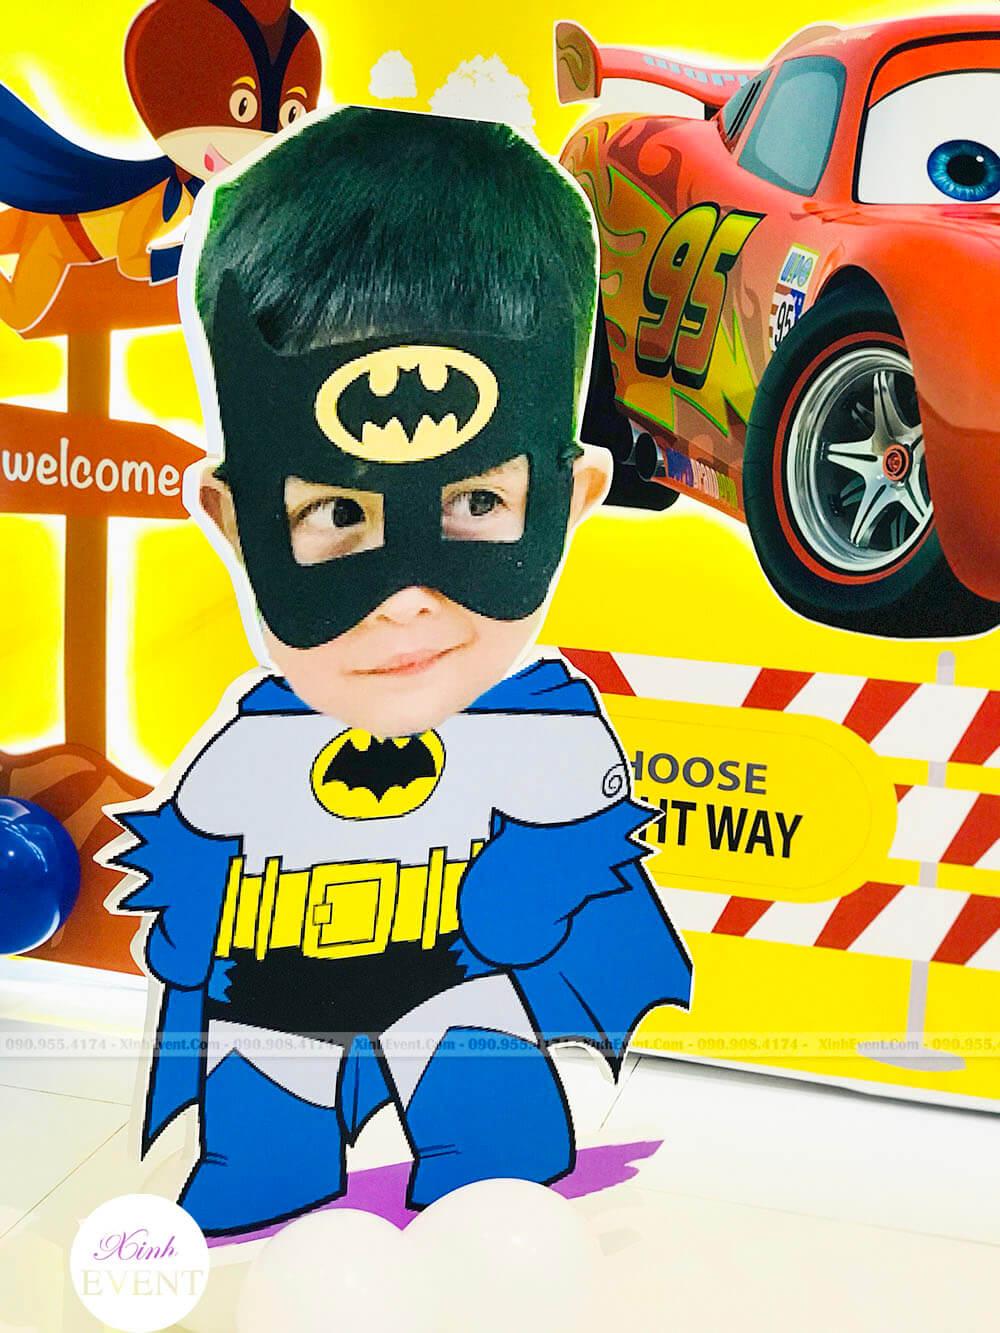 Mẫu khối trang trí sinh nhật 3D Batman của khách hàng Xinh Event